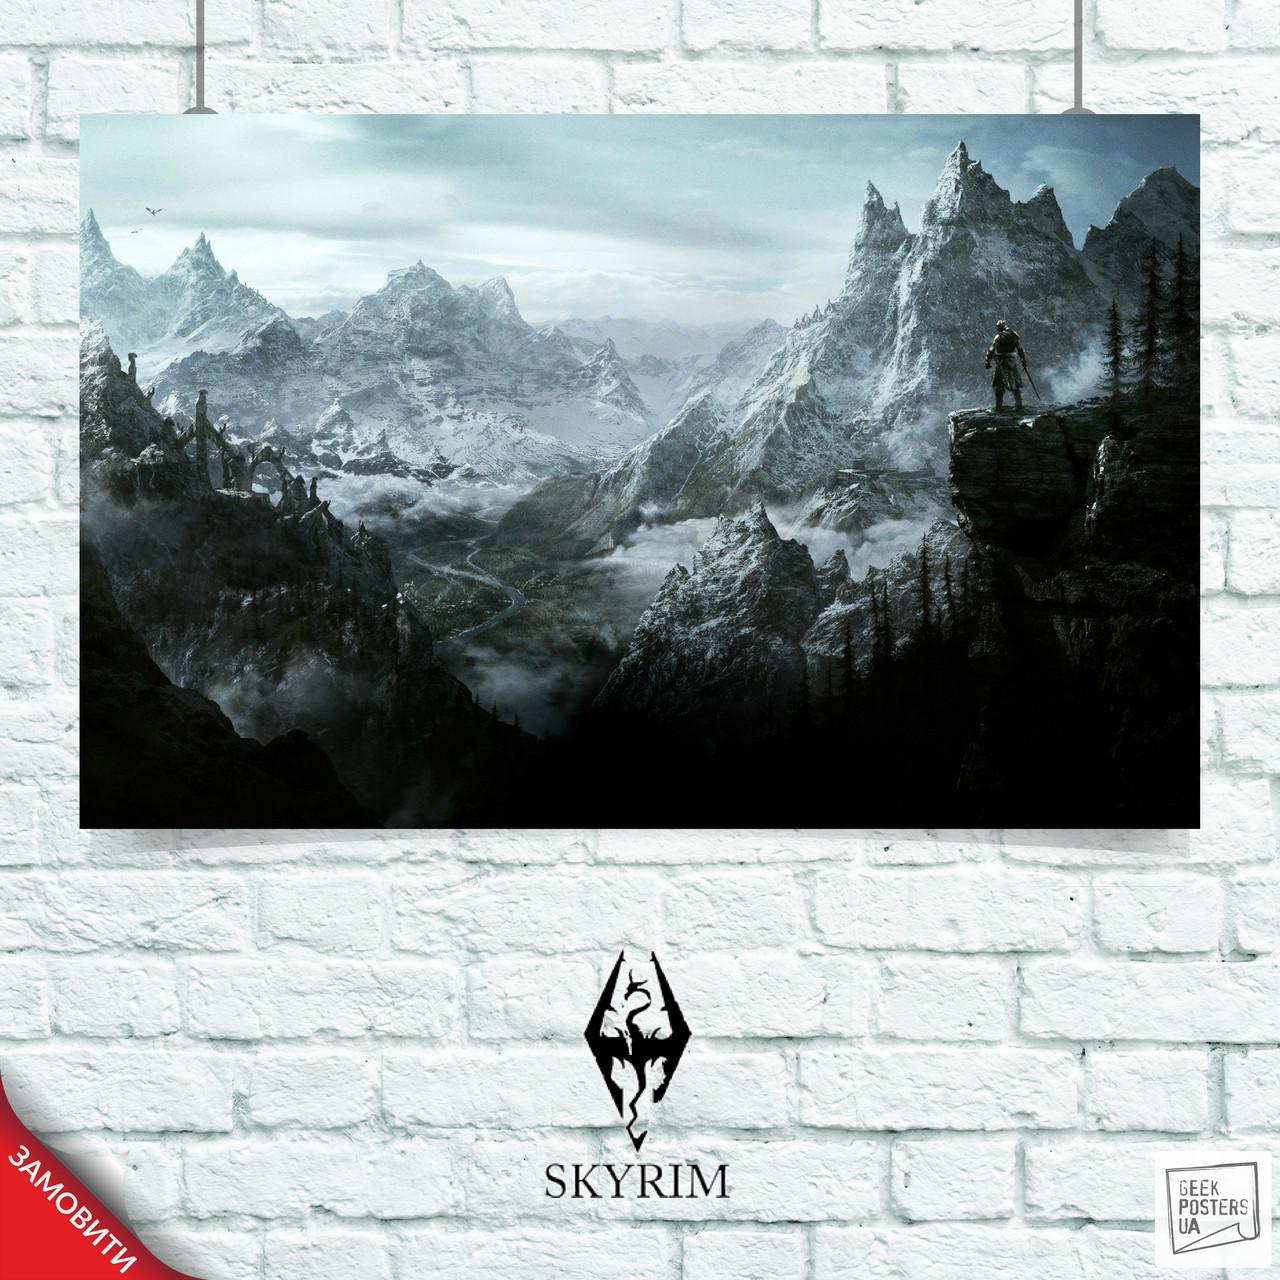 Постер Skyrim, Скайрим, панорама. Размер 60x42см (A2). Глянцевая бумага